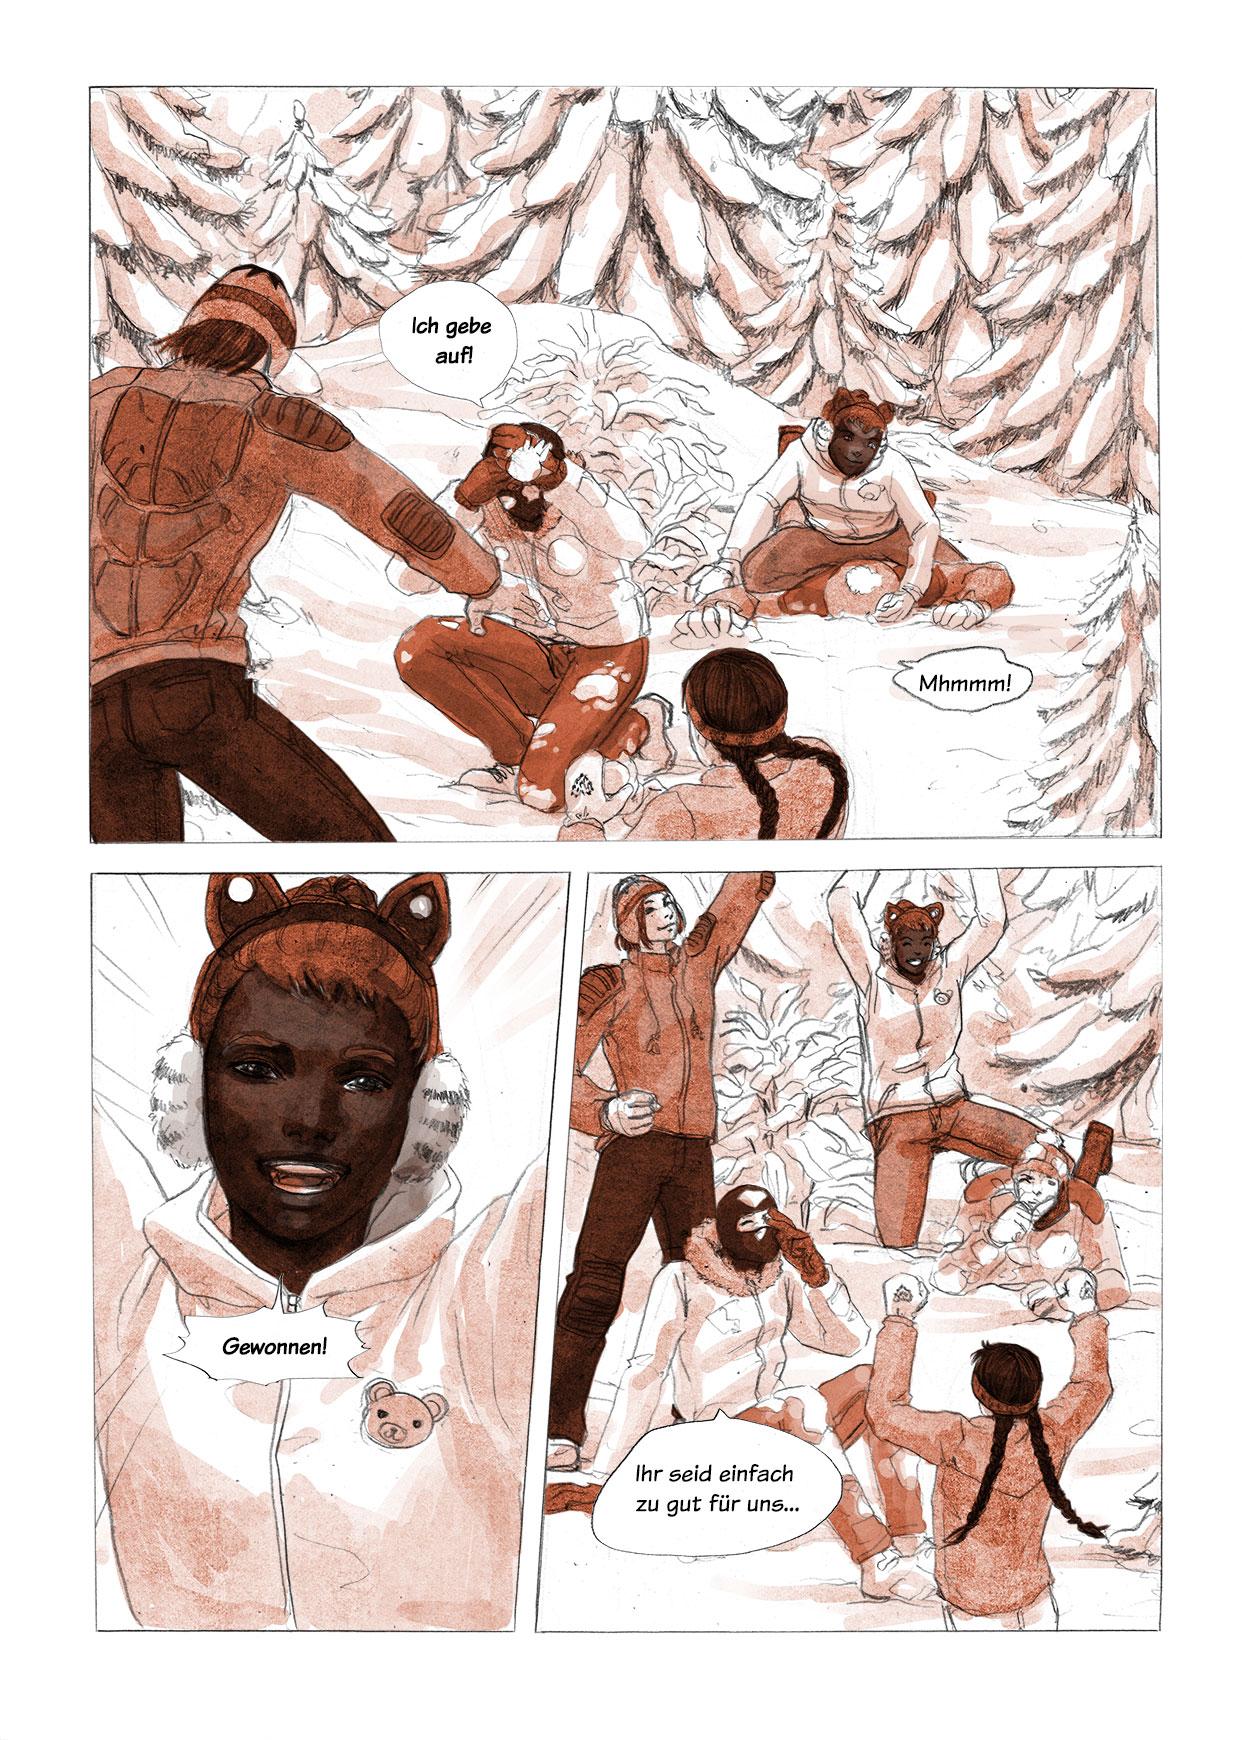 Buch 01, Spezial 02 – Seite 03